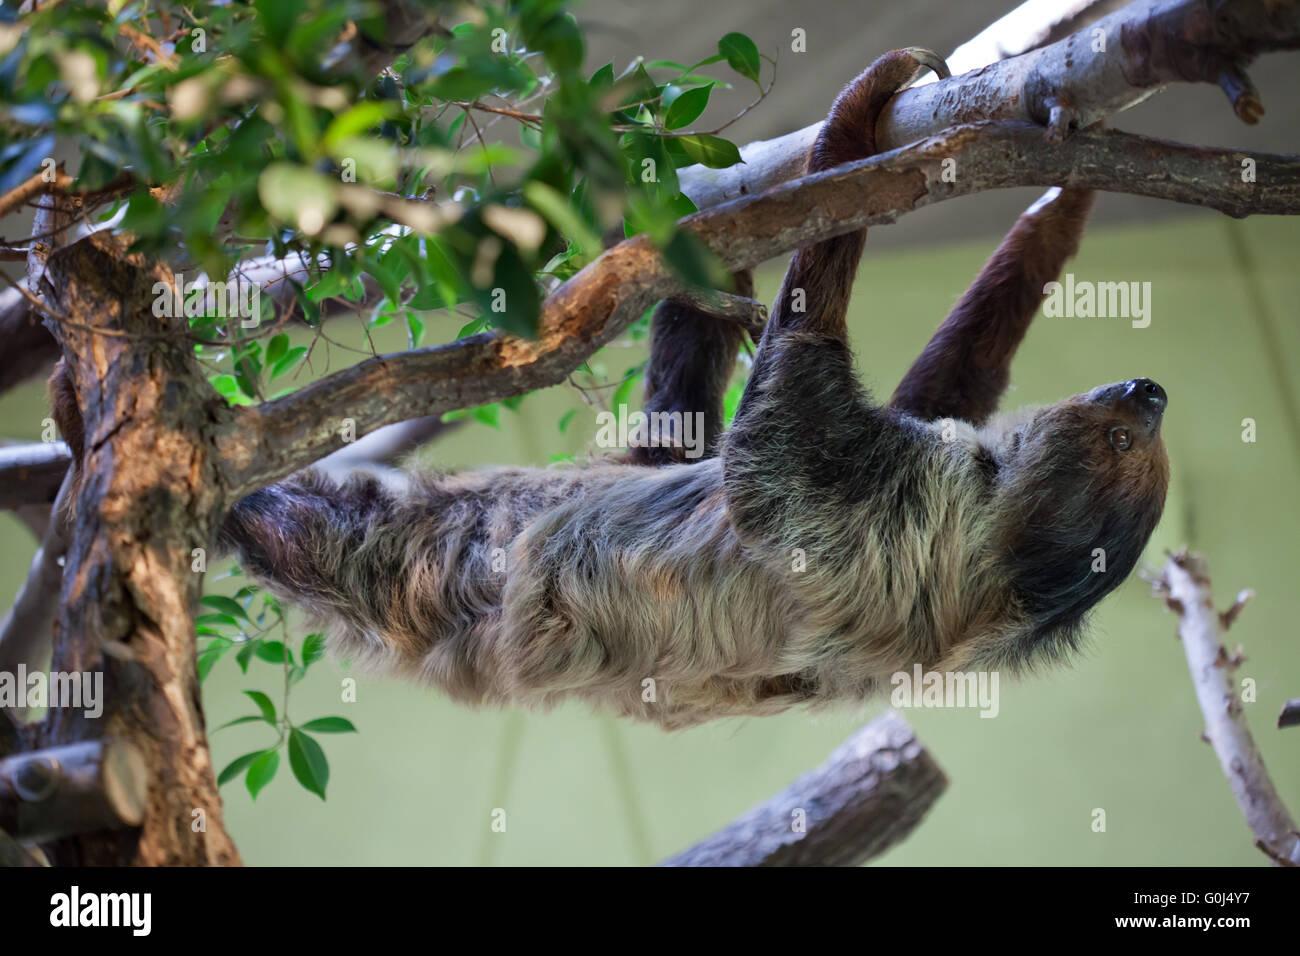 Linneo dos dedos cada sloth (Choloepus didactylus), también conocido como el sur de dos dedos cada perezoso en el Zoológico de Dresde, Sajonia, Alemania. Foto de stock